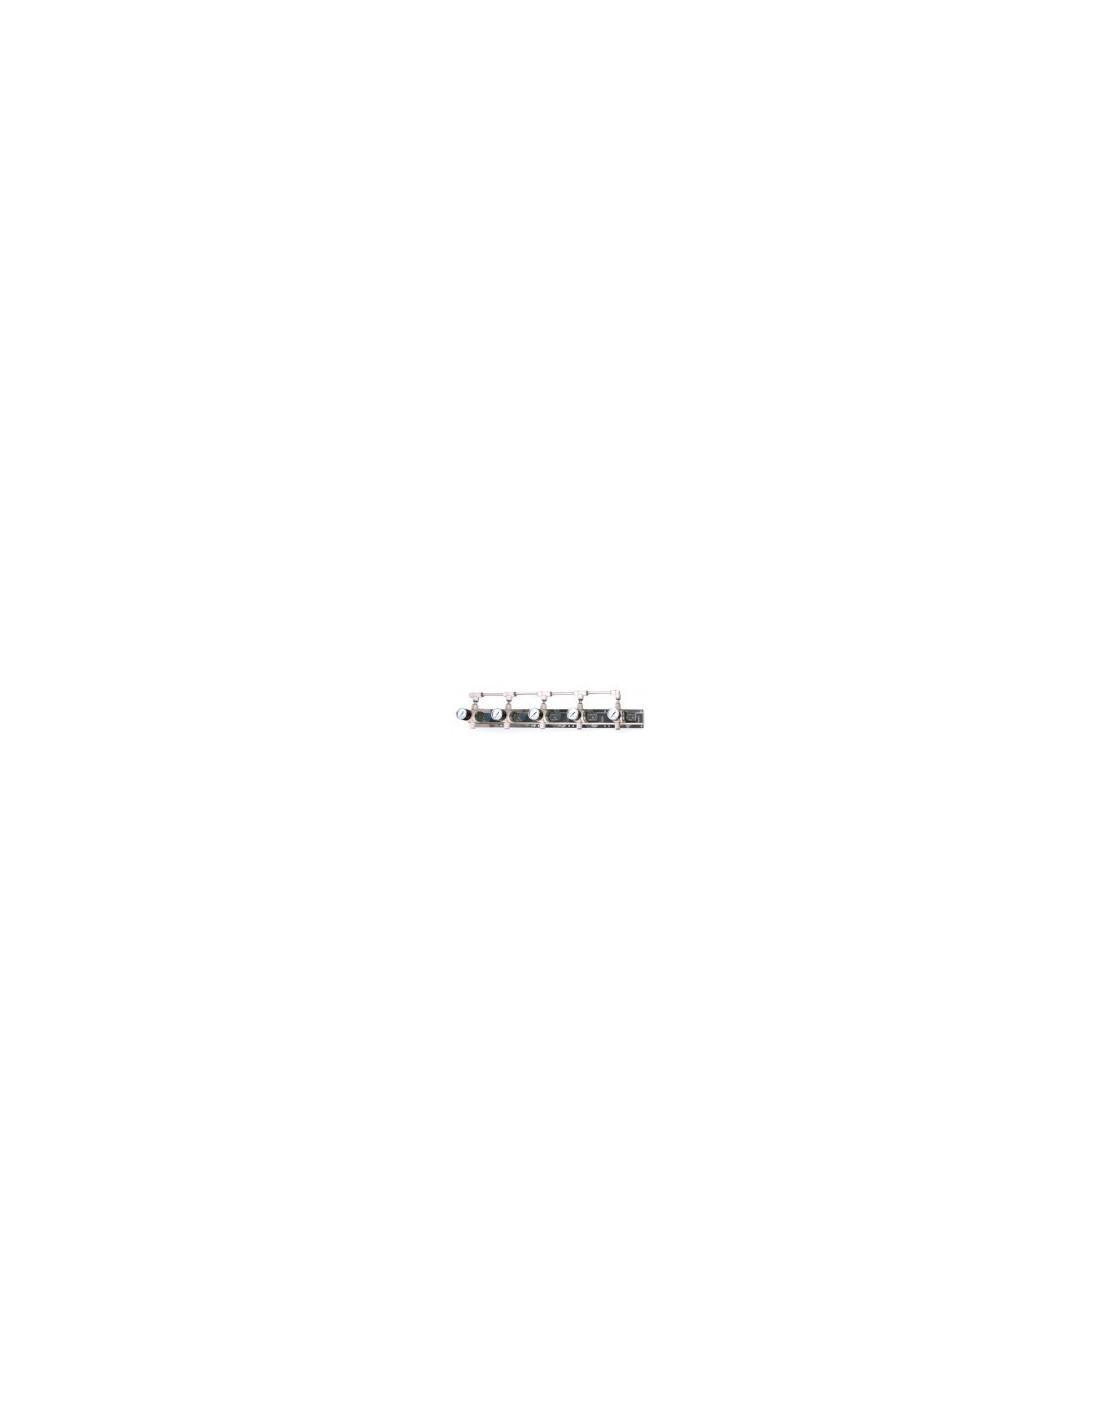 VYR01797 - Tryckreduceringspanel / sekundärregulator med 5 st anslutningar